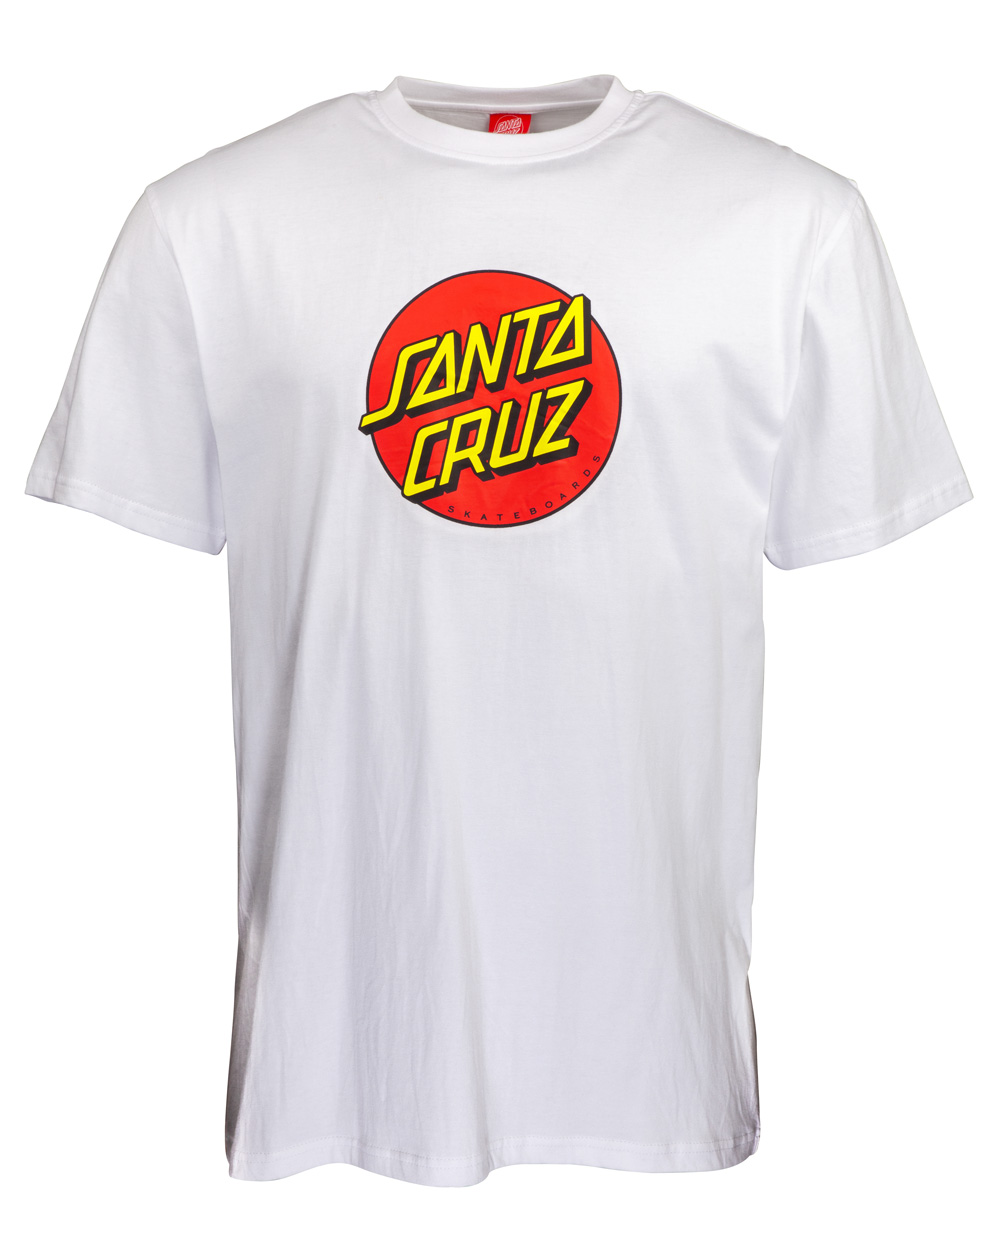 Santa Cruz Men's T-Shirt New Classic Dot White